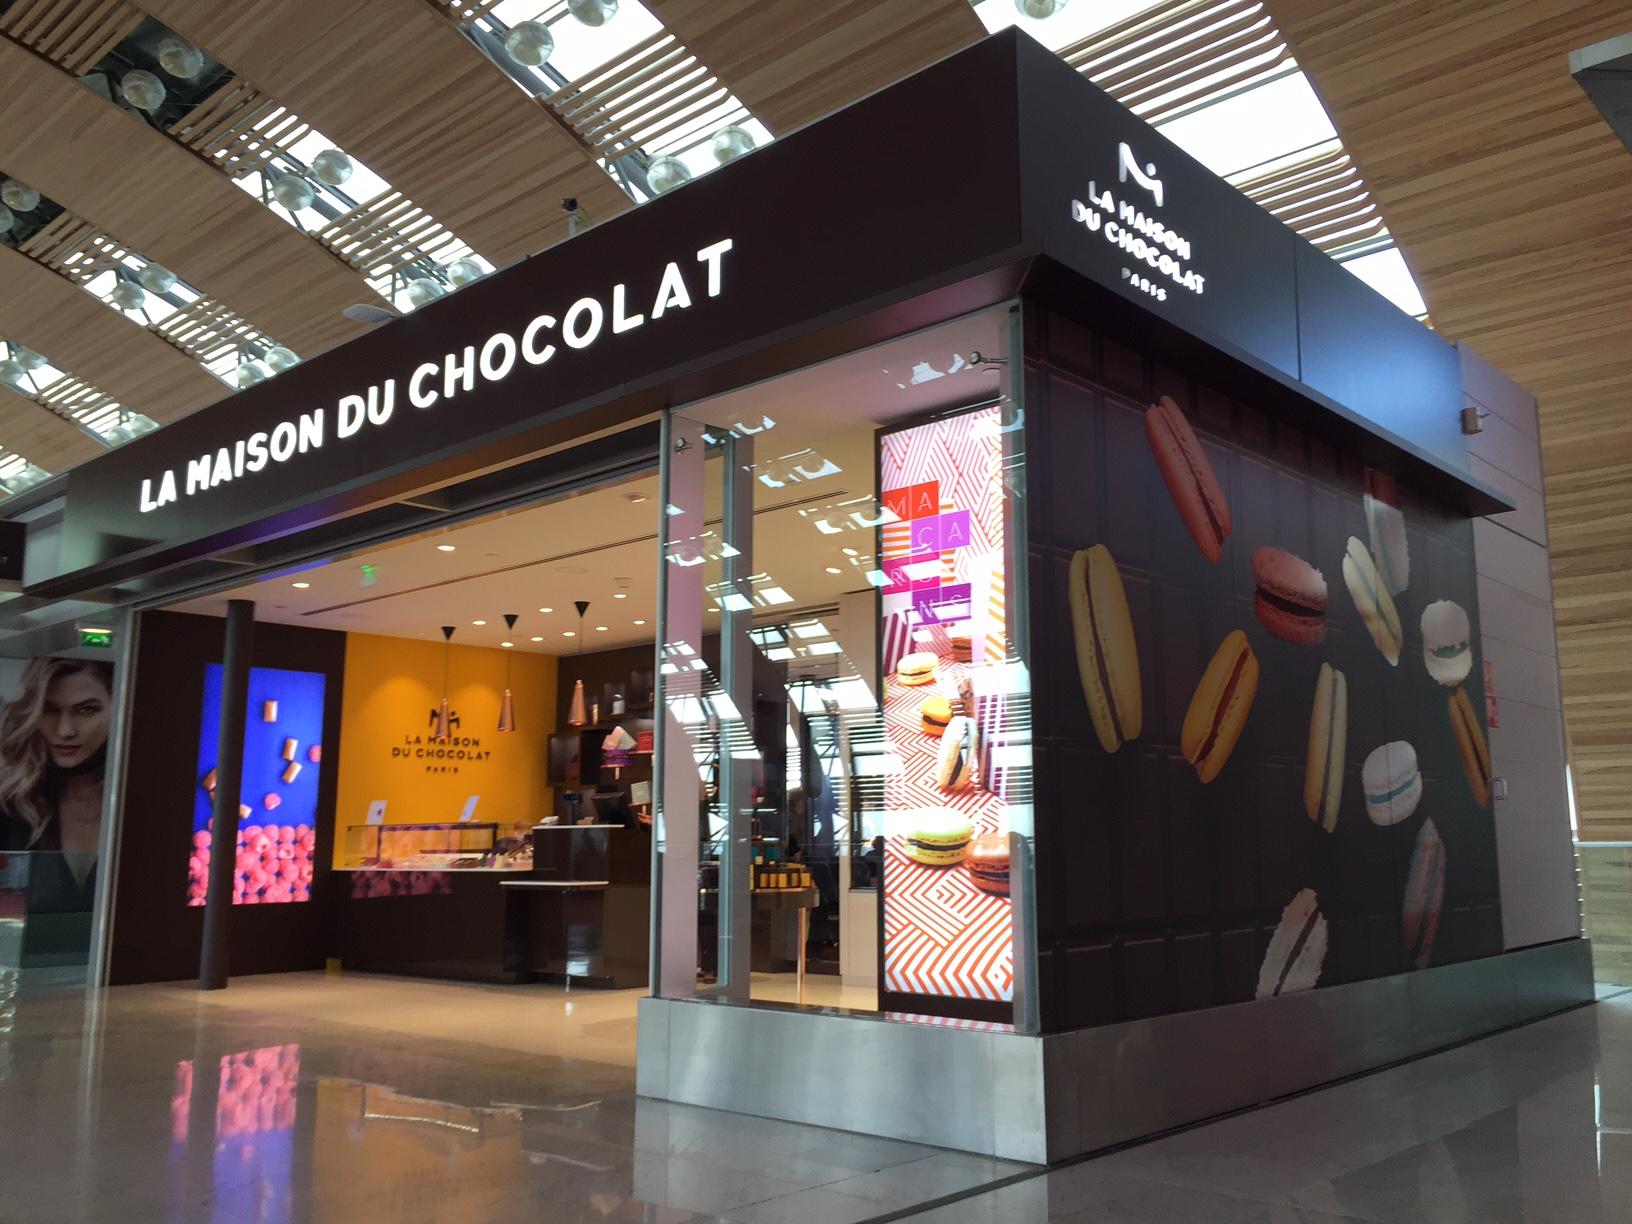 Actif Signal réalise les enseignes de la Maison du Chocolat